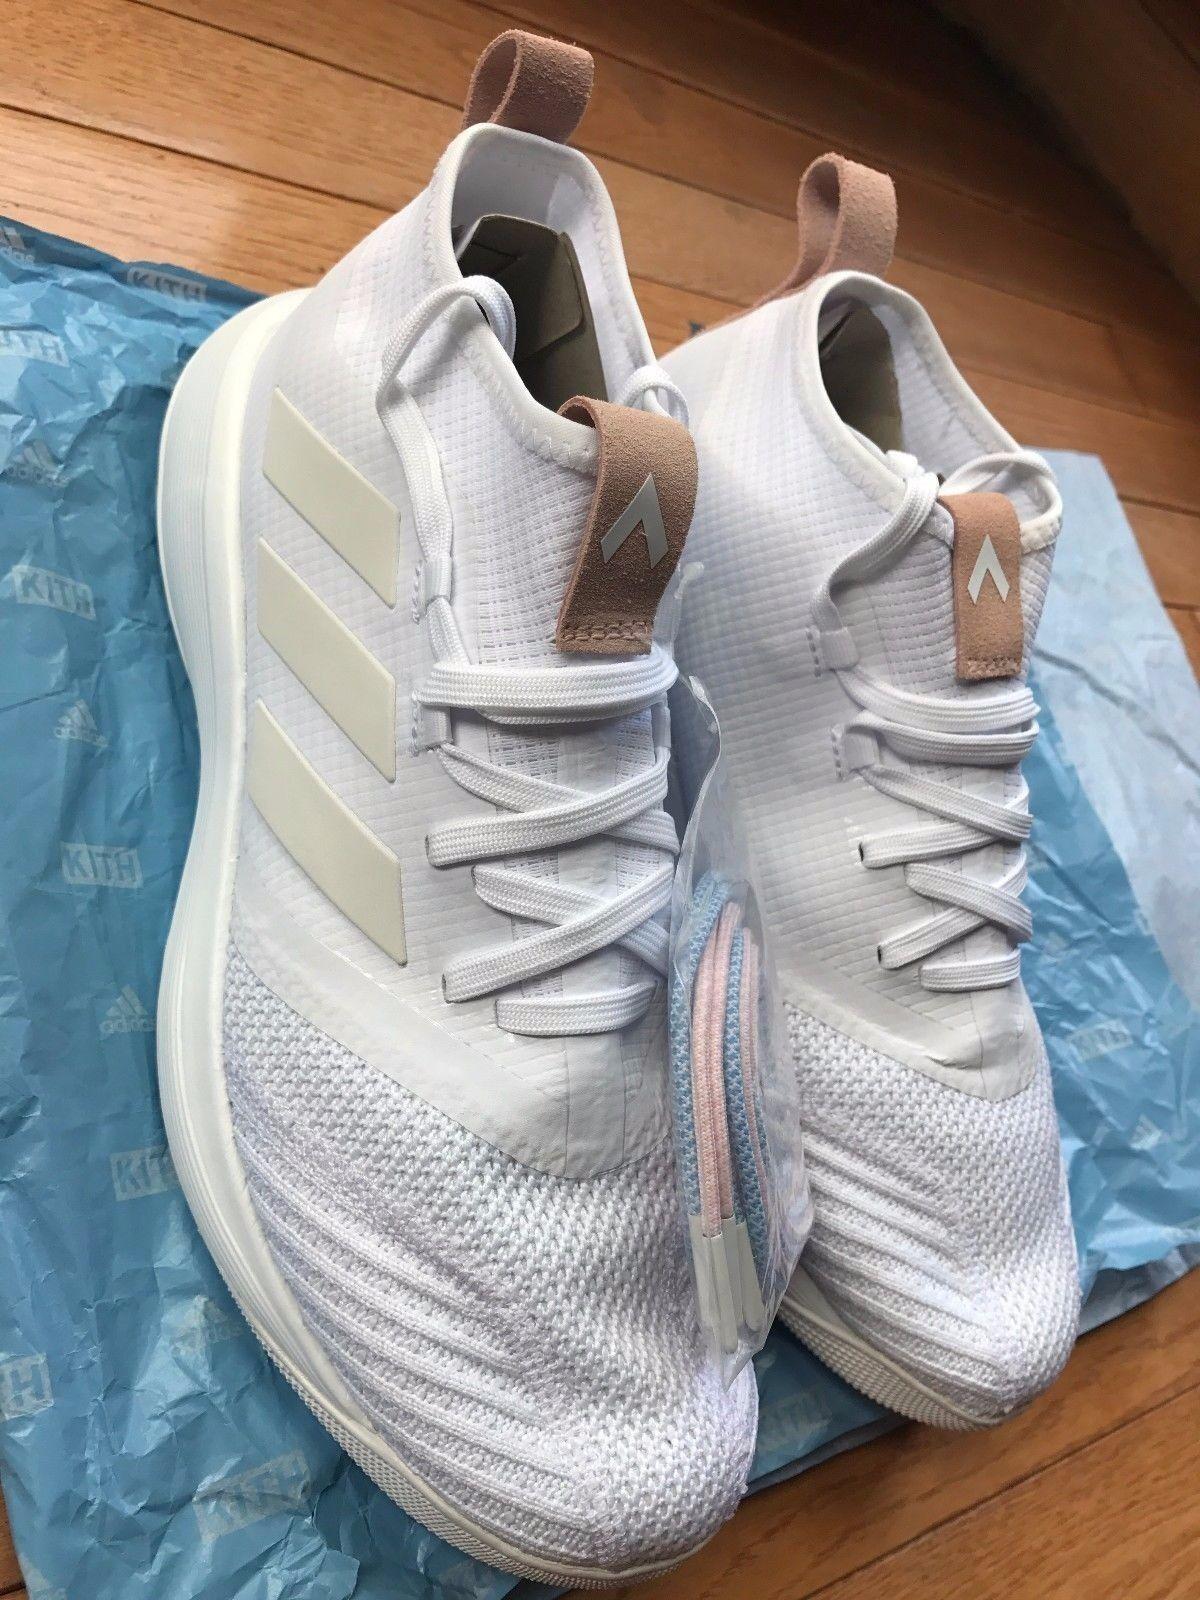 New Men's Adidas x Kith Flamingo Ace 17.1 TR Hybrid, White Size 10